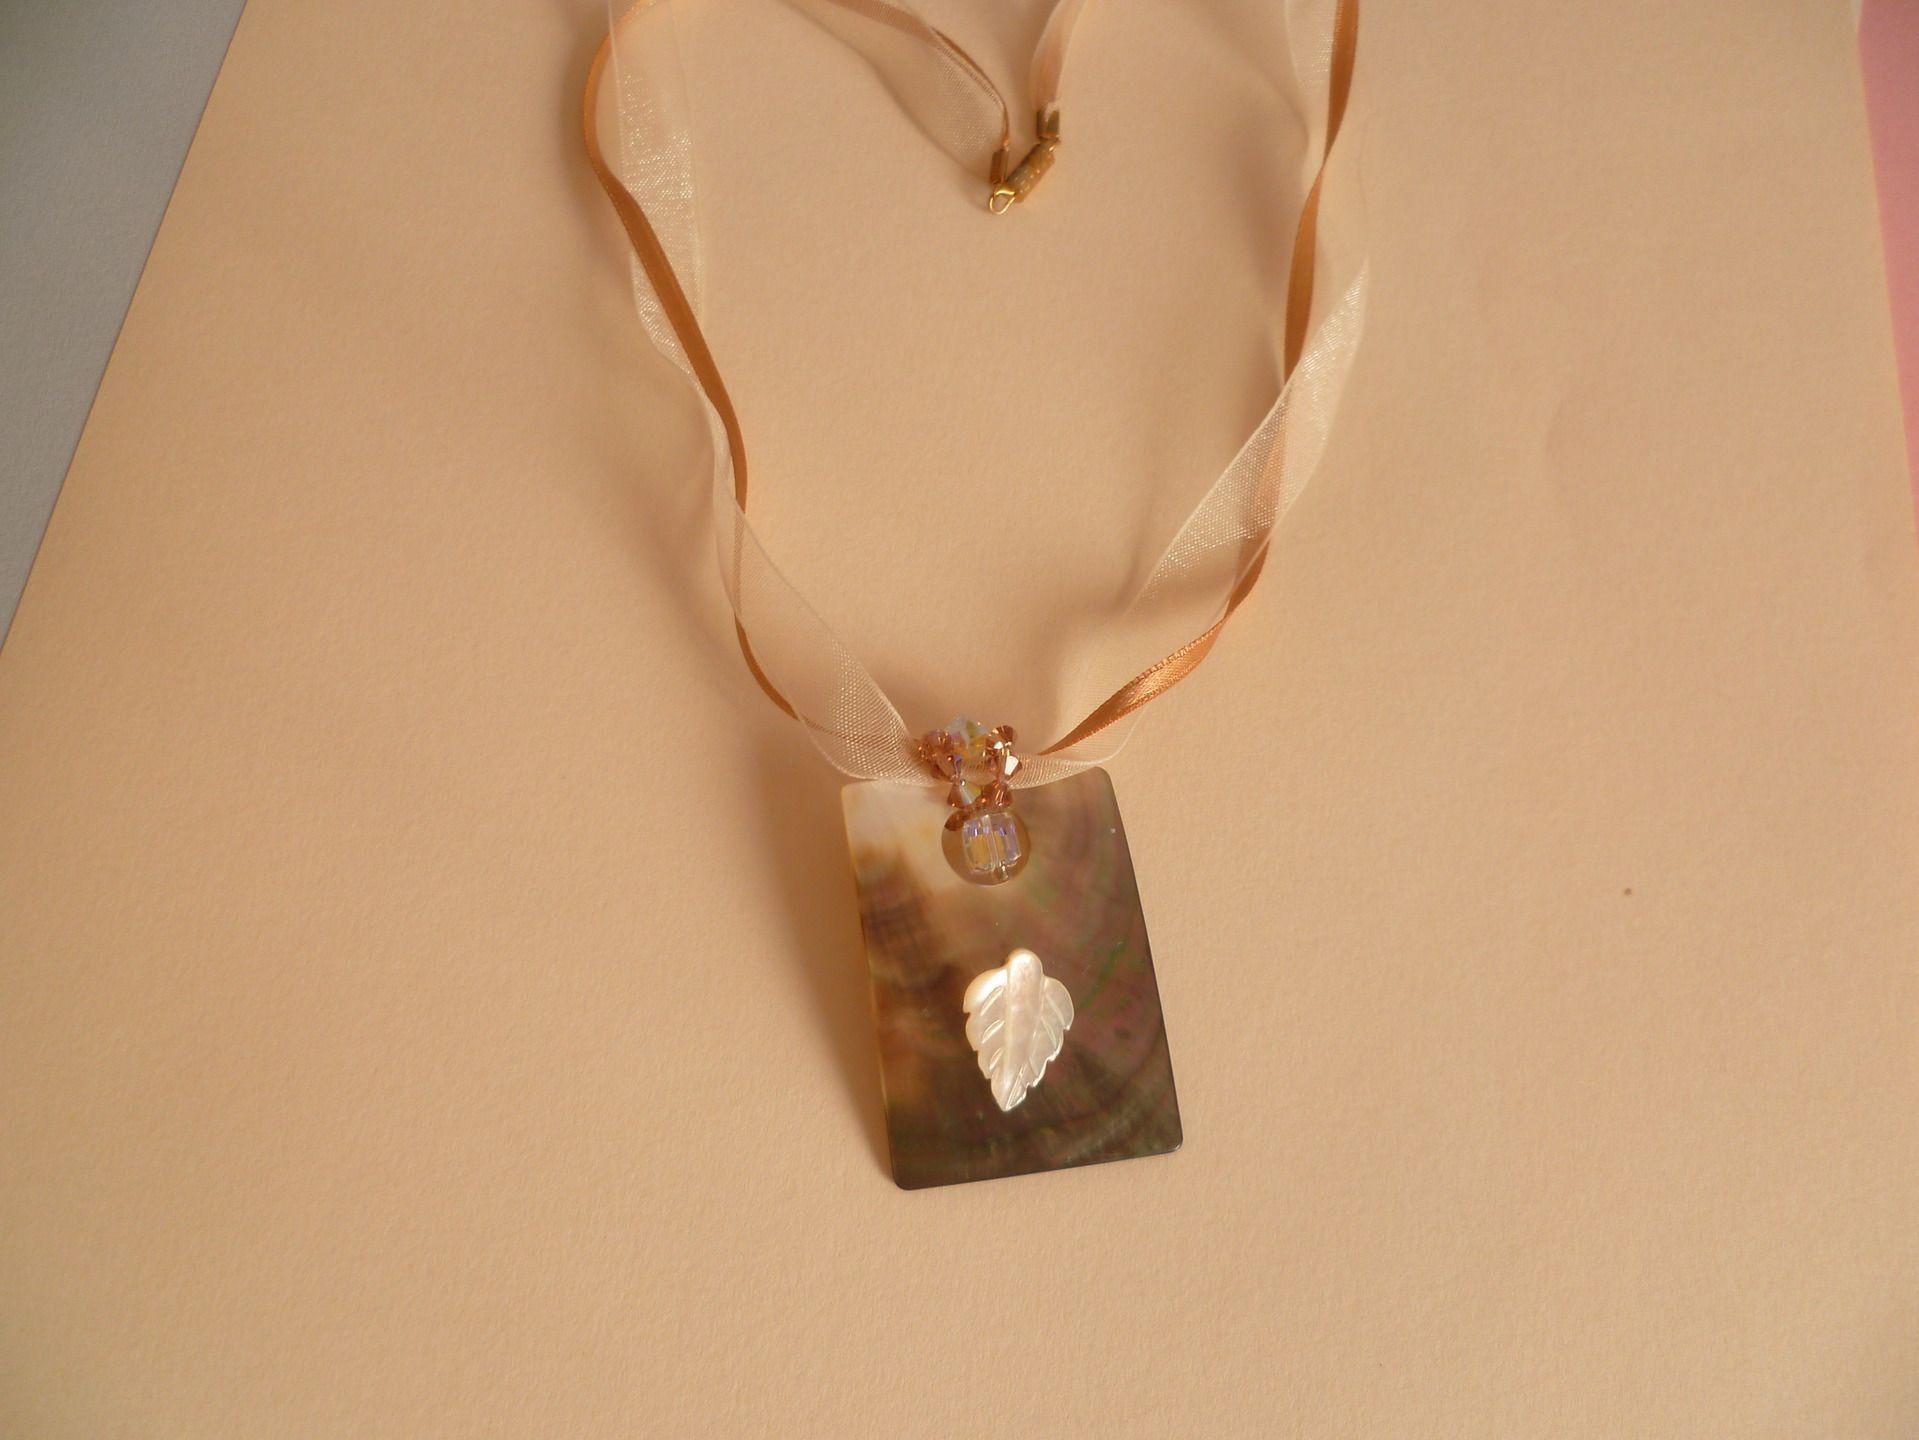 collier nacre naturel irisé rectangulaire, cube swarovsky et petite feuille nacre : Collier par mamay